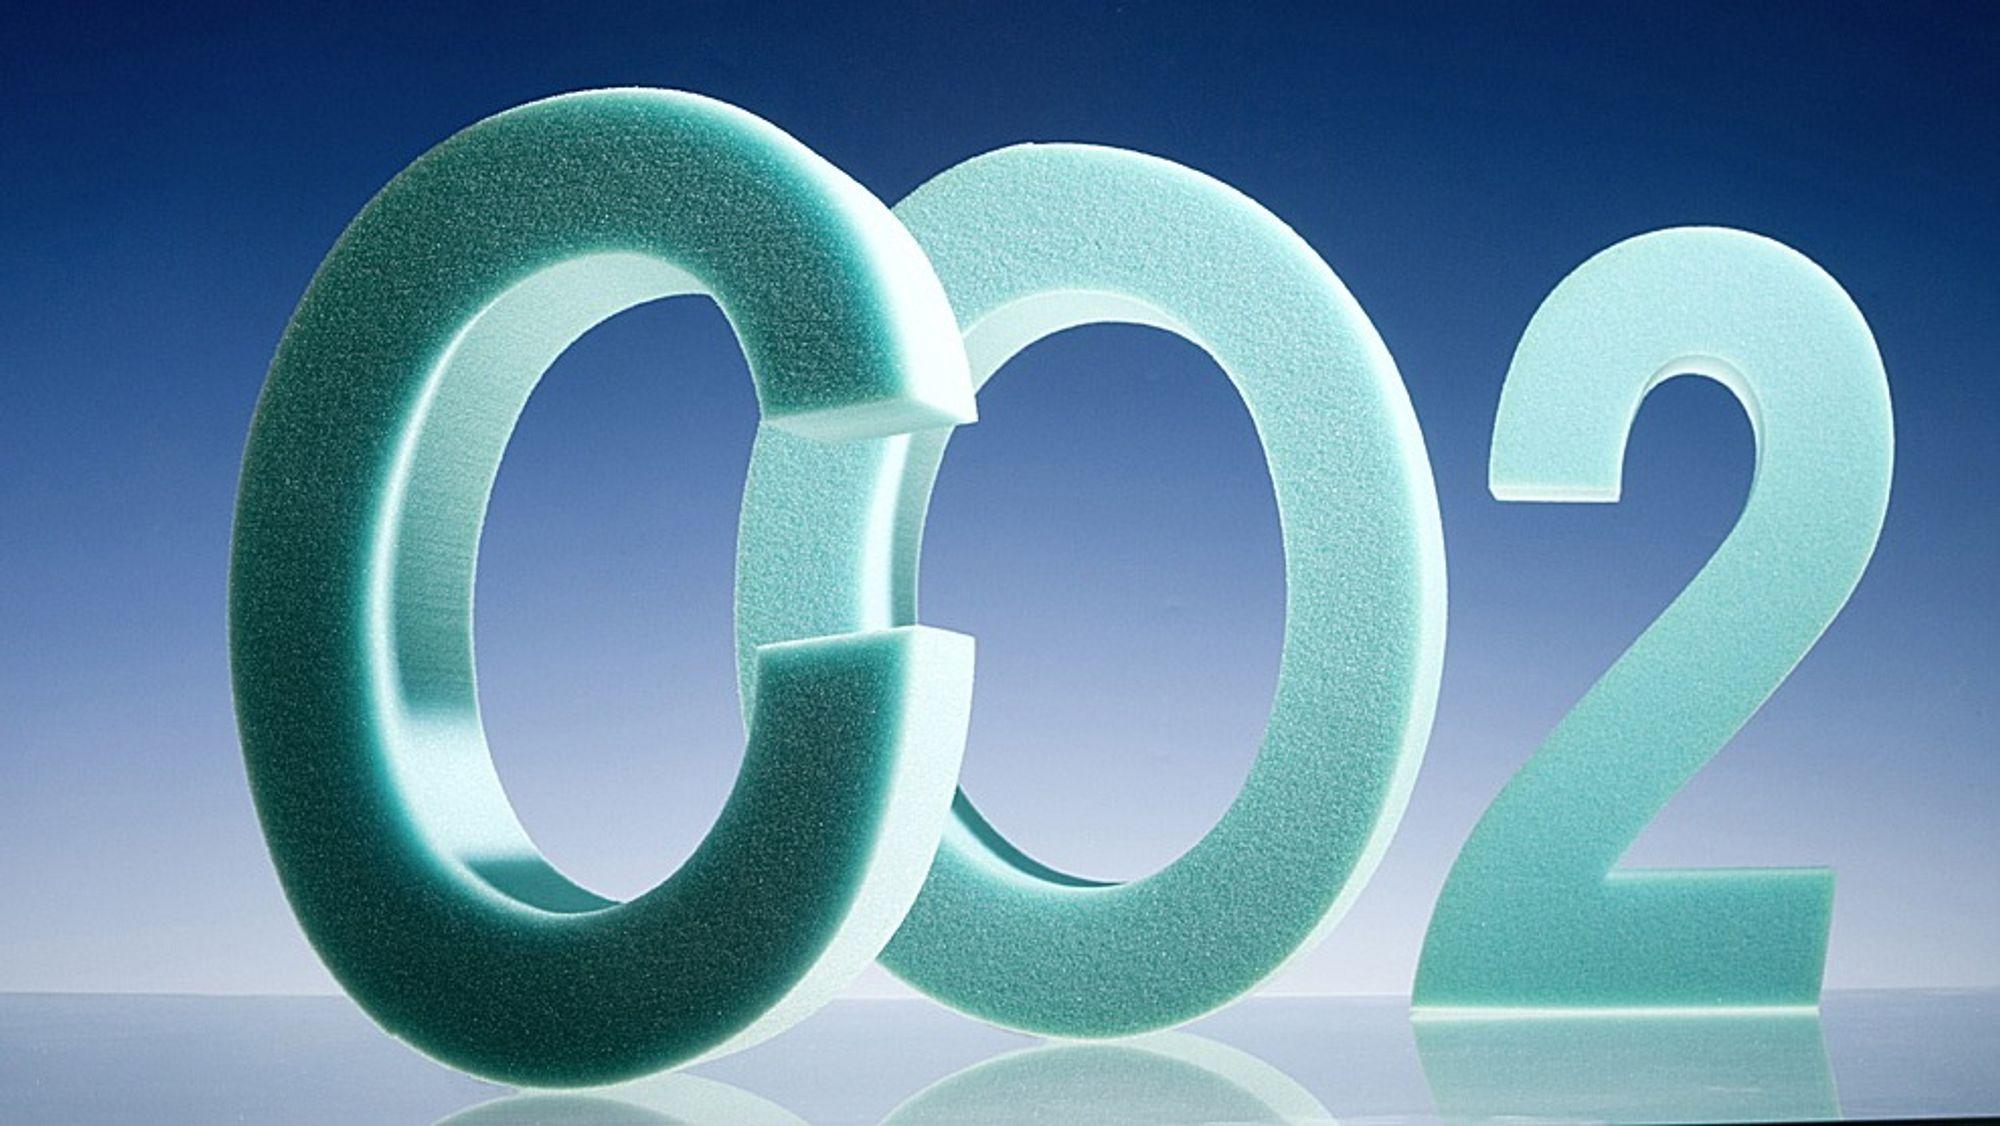 Det tyske selskapet Bayer har gjennomført en vellykket testfase og satser nå på kommersiell produksjon av polyuretanskum med CO2 som råstoff.